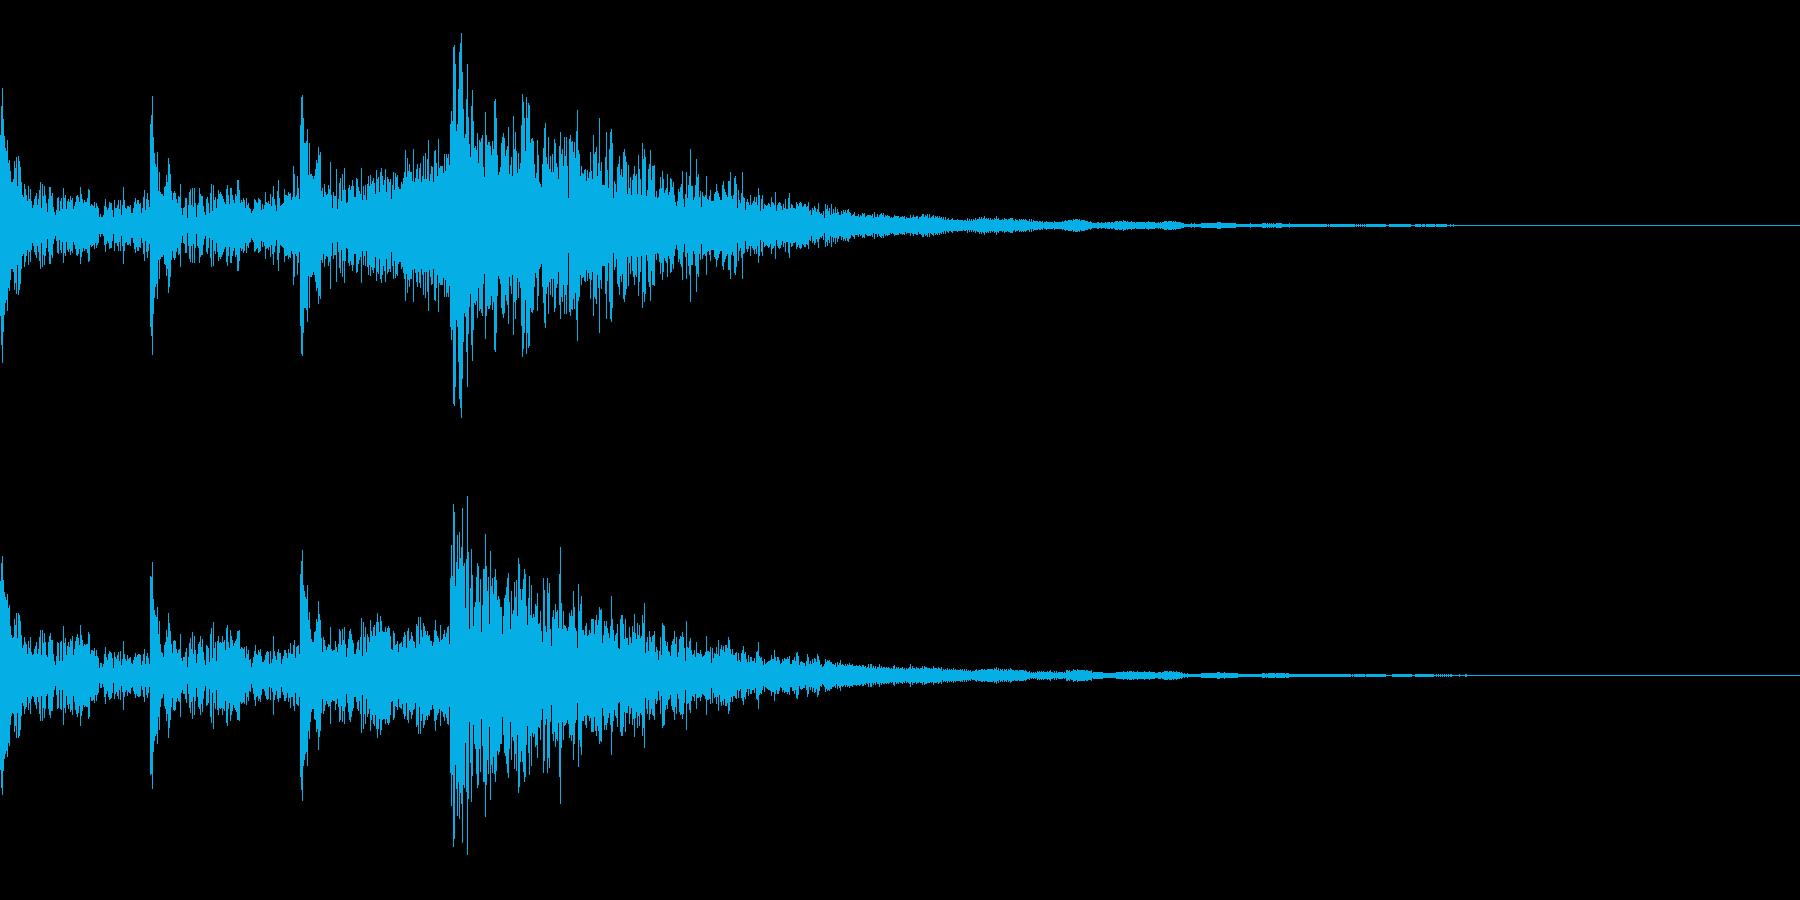 時限爆弾 3秒前 ピ、ピ、ピ、ボン の再生済みの波形